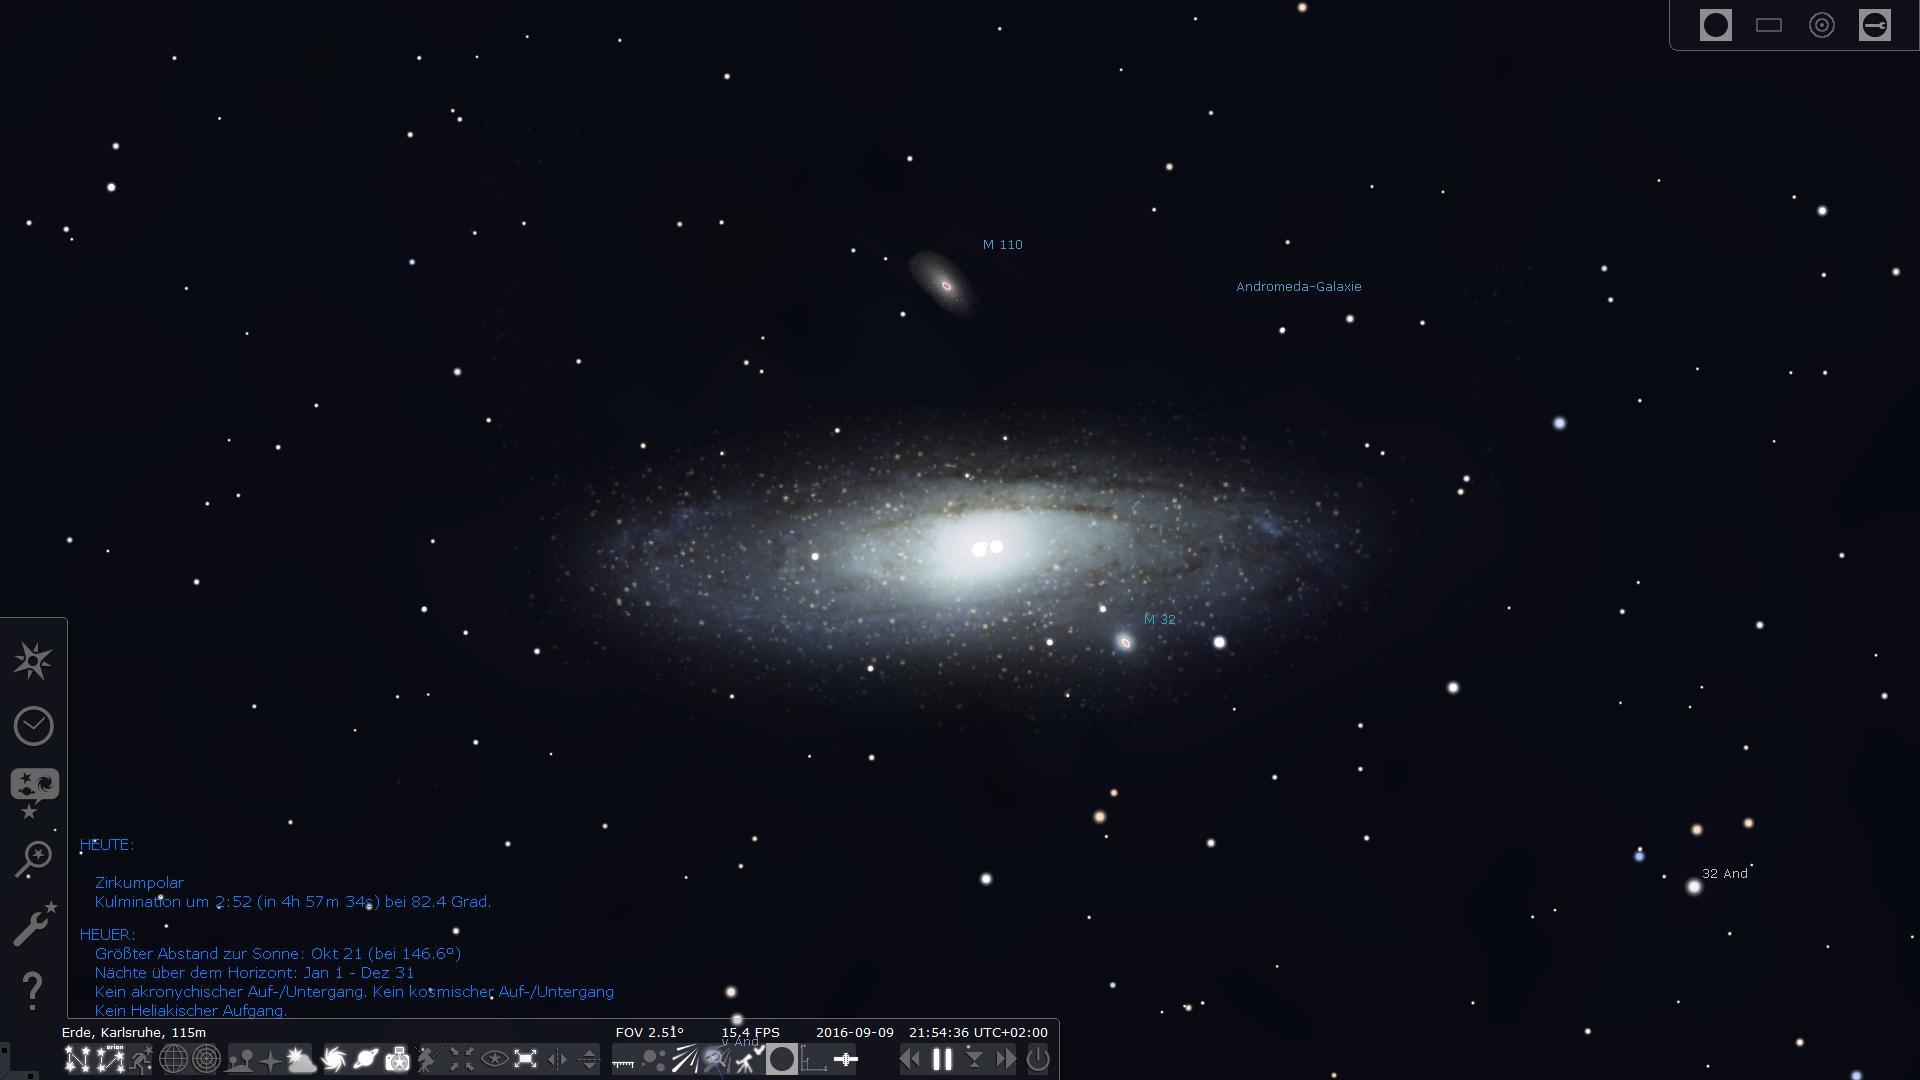 Nahansicht der Andromeda-Galaxie M 31 mit ihren Begleitern M 110 und M 32 in Stellarium.